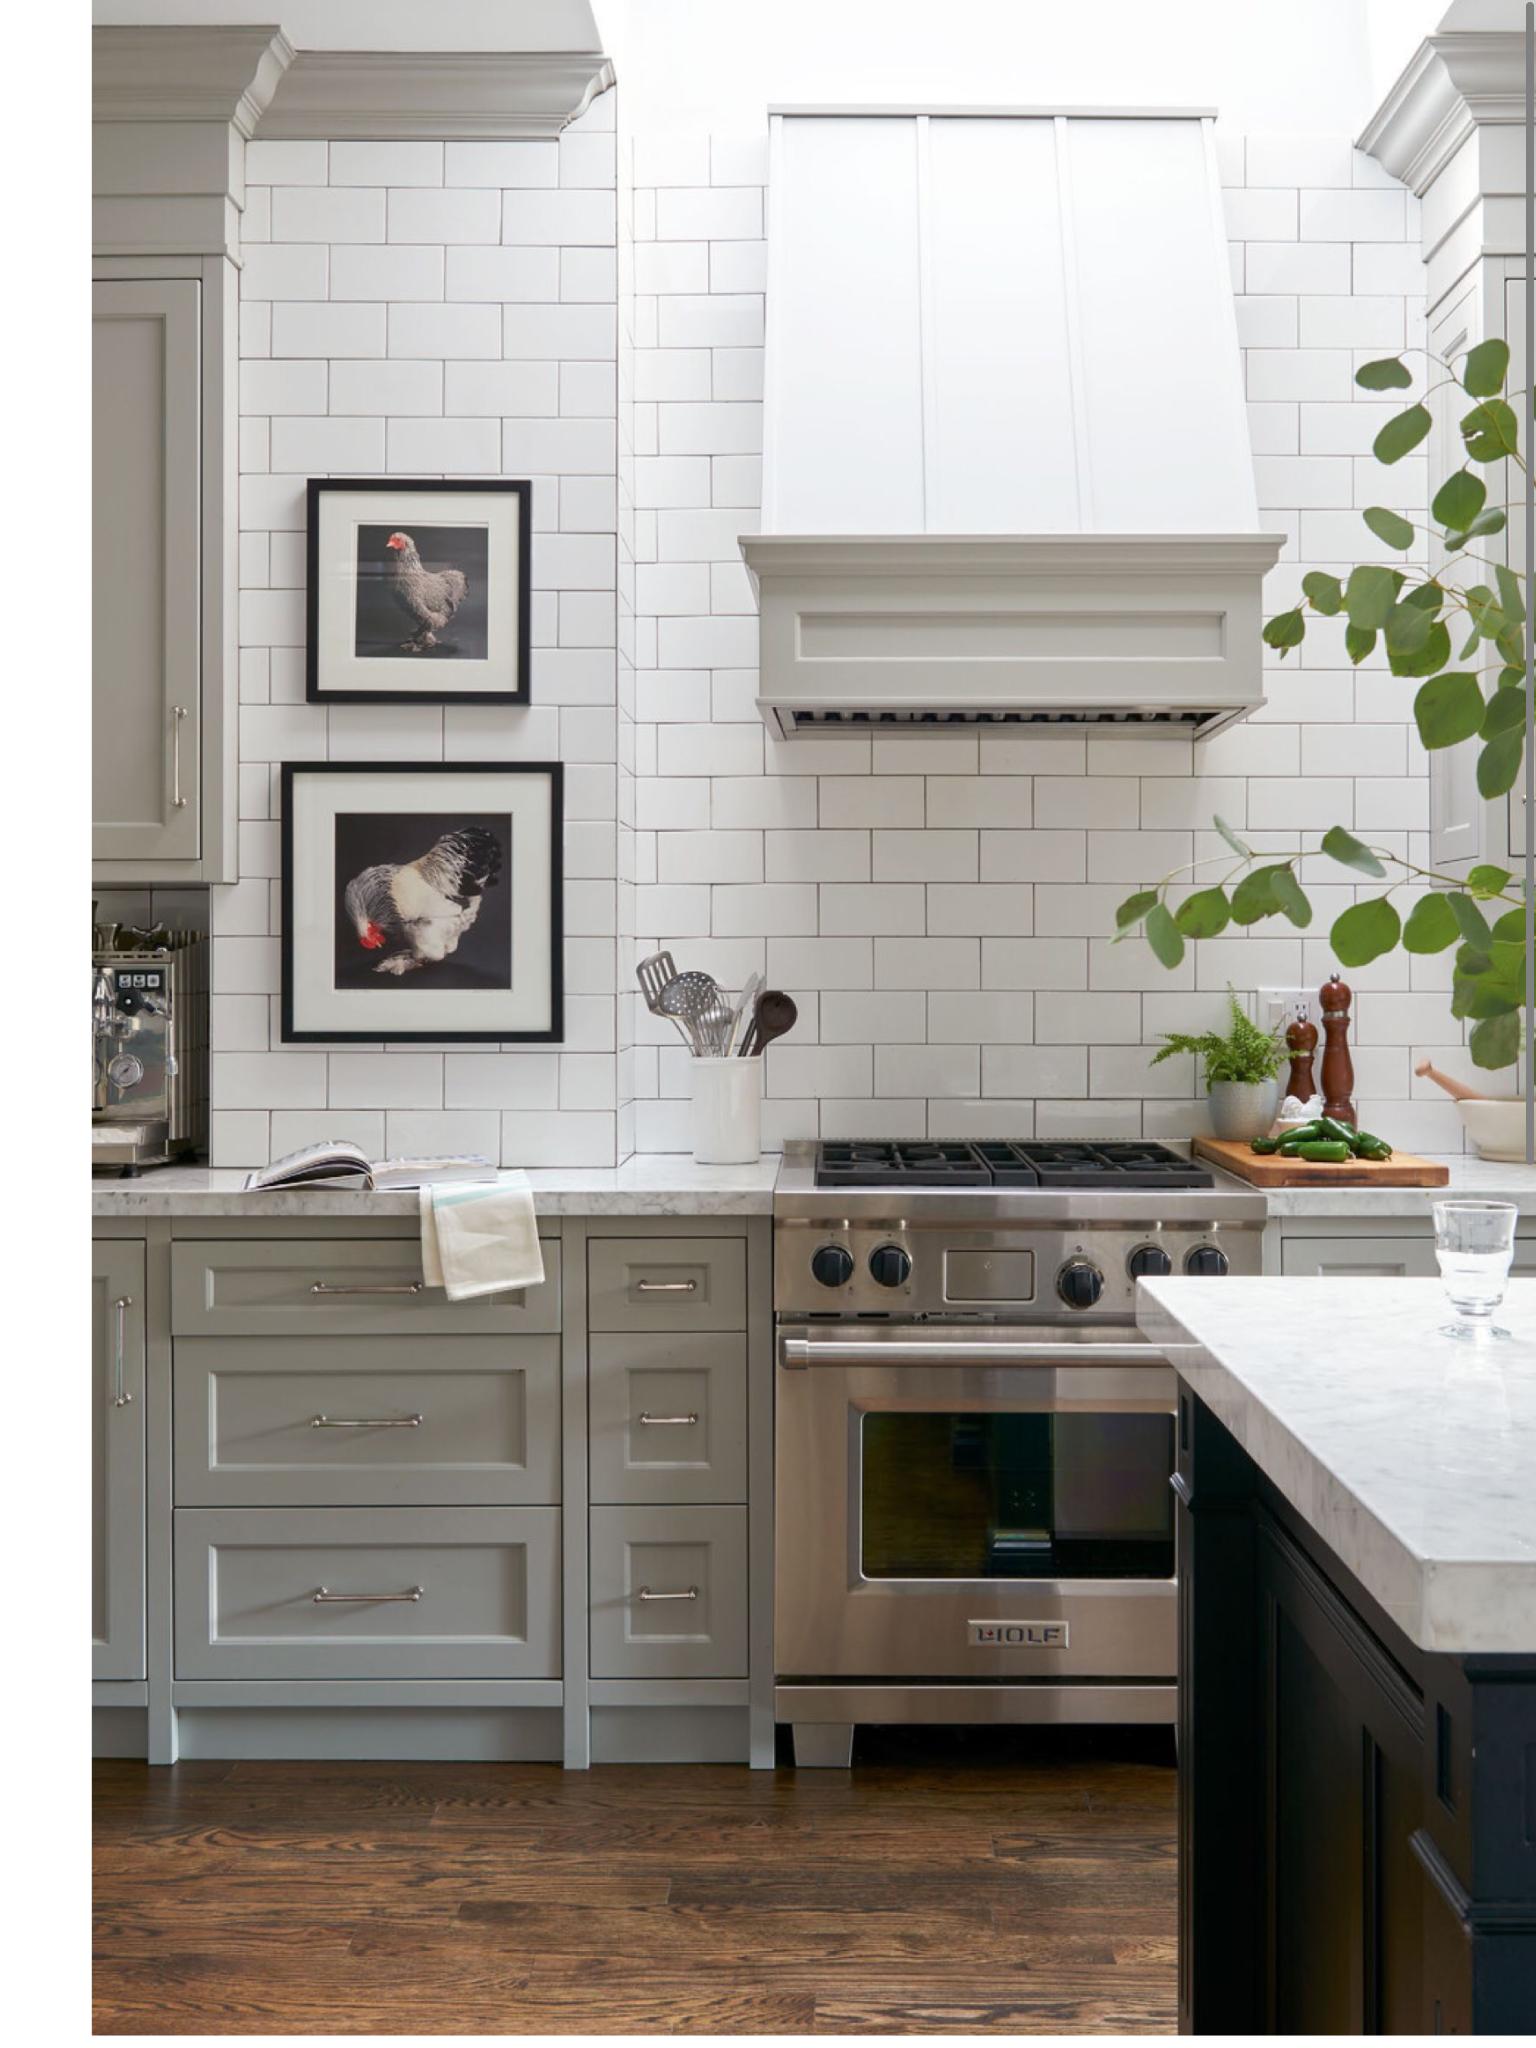 Farbig, Weiße Küchen, Bauernküchen, Schöne Küchen, Ideen Für Die Küche,  Aktuelles Aus Küche, Gemütliche Küche, Wunsch, Küche Klein